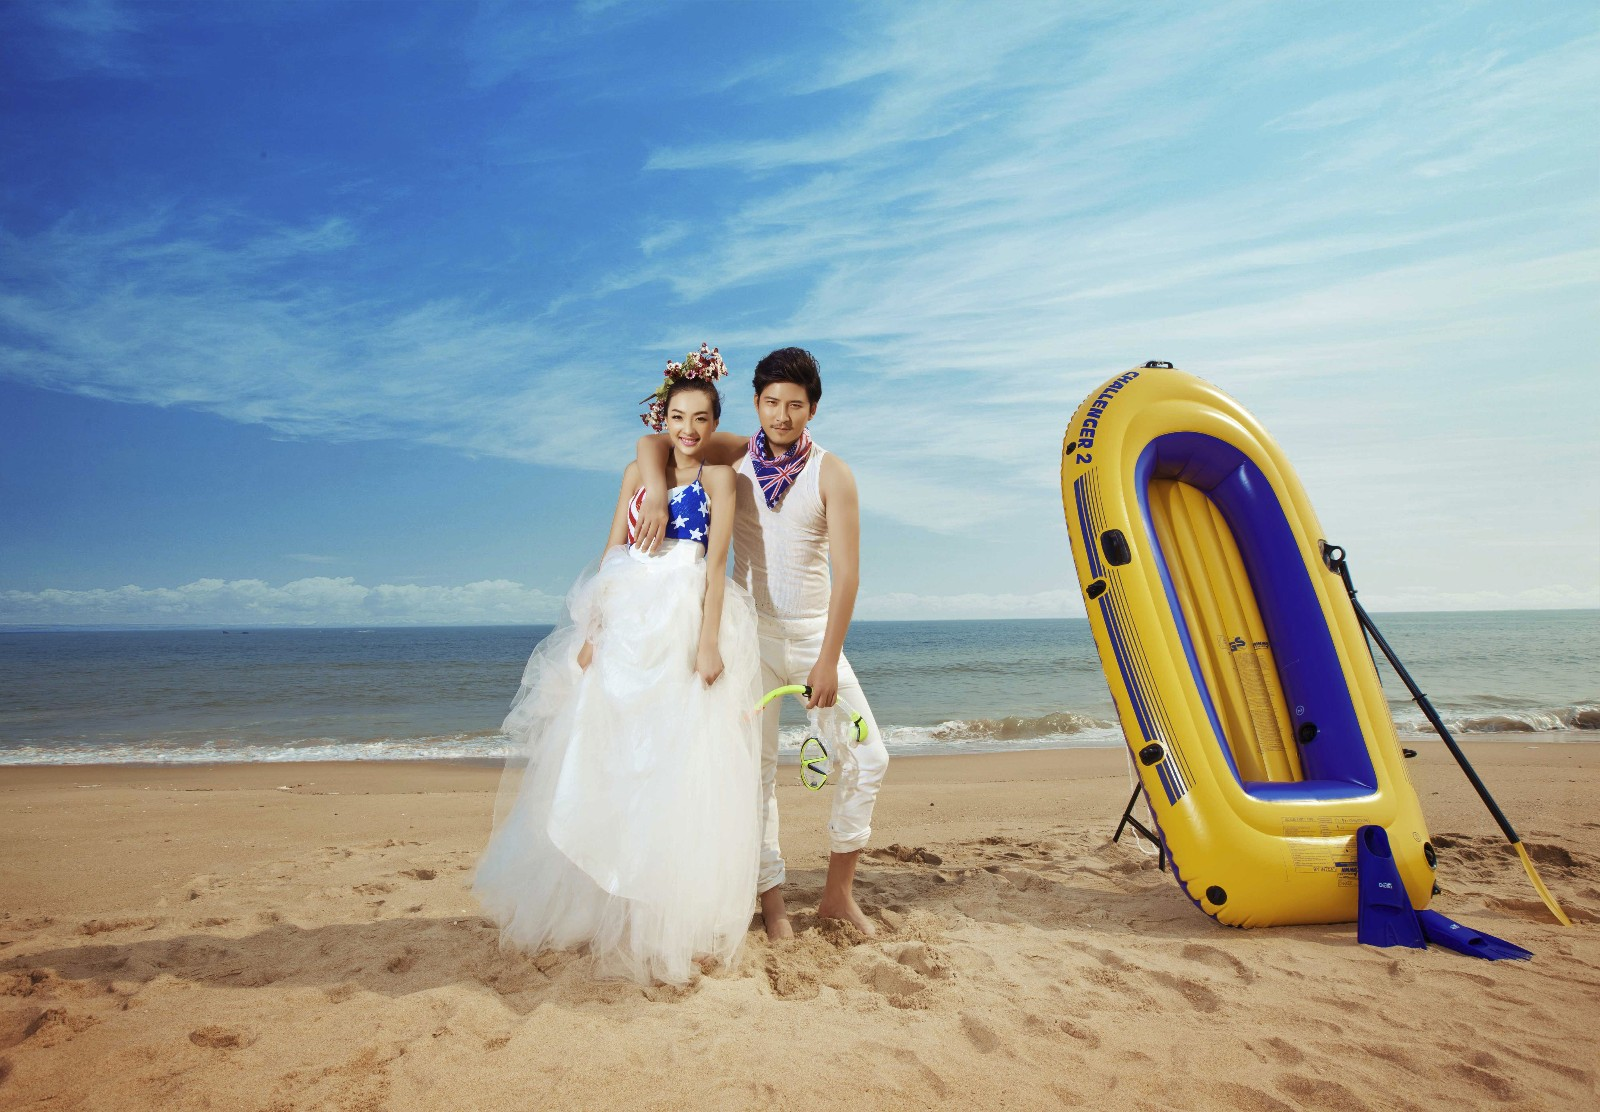 想到太原拍婚纱照的你先了解一下婚纱摄影的价格吧